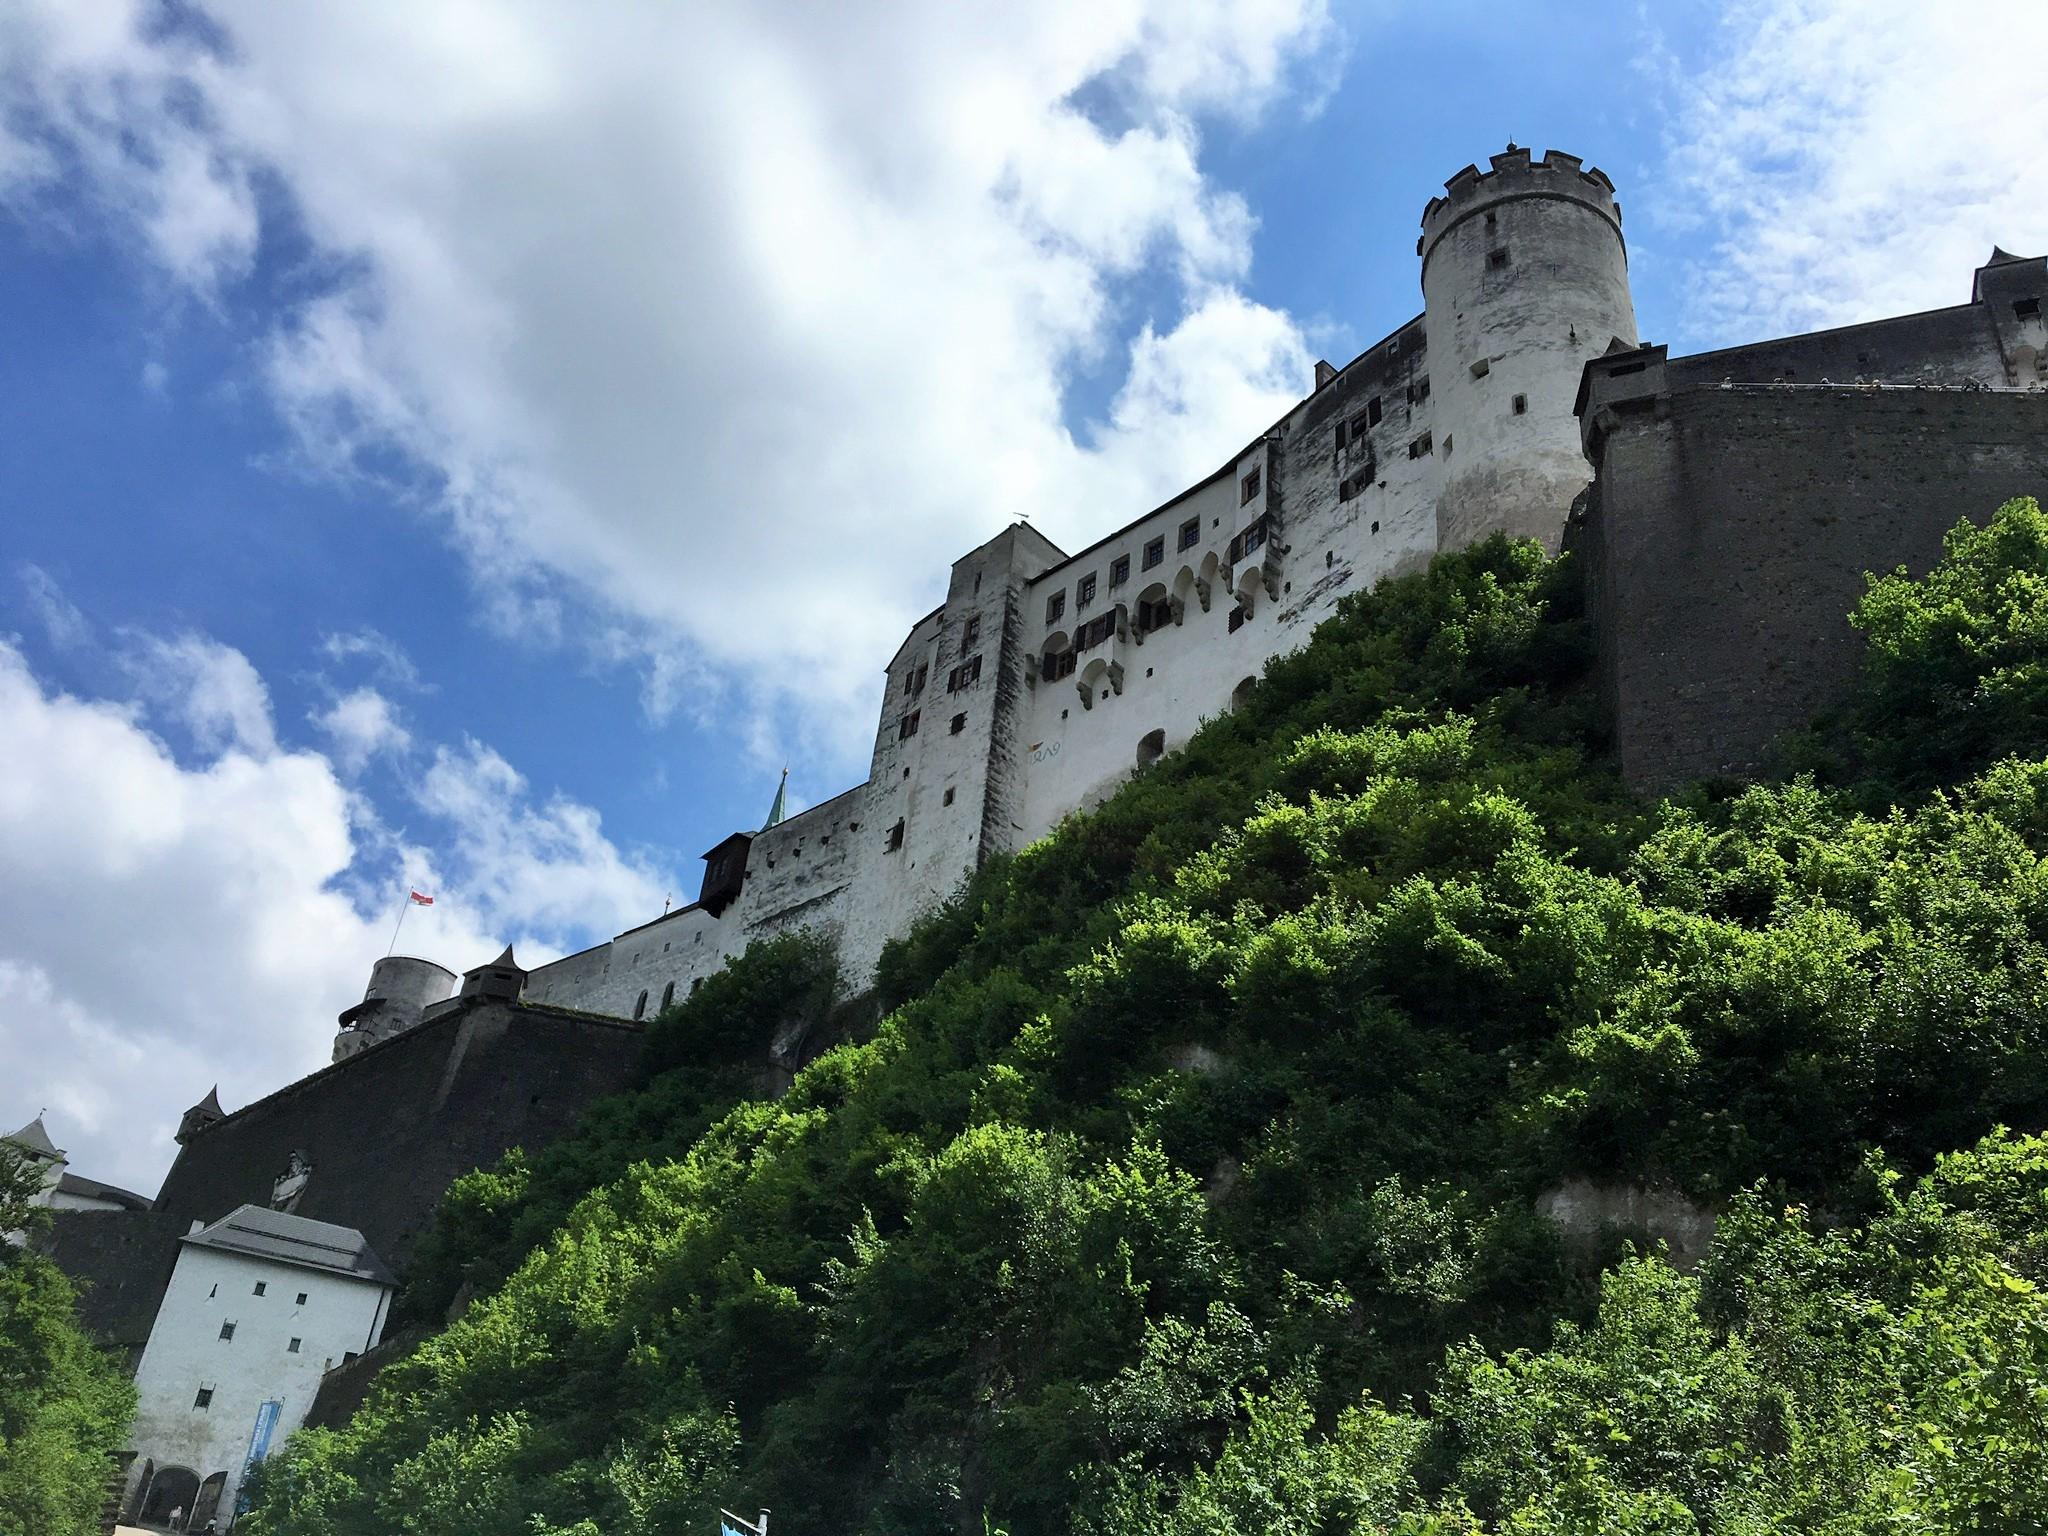 奧地利自由行 4天 行程表 Itinerary(Austria)